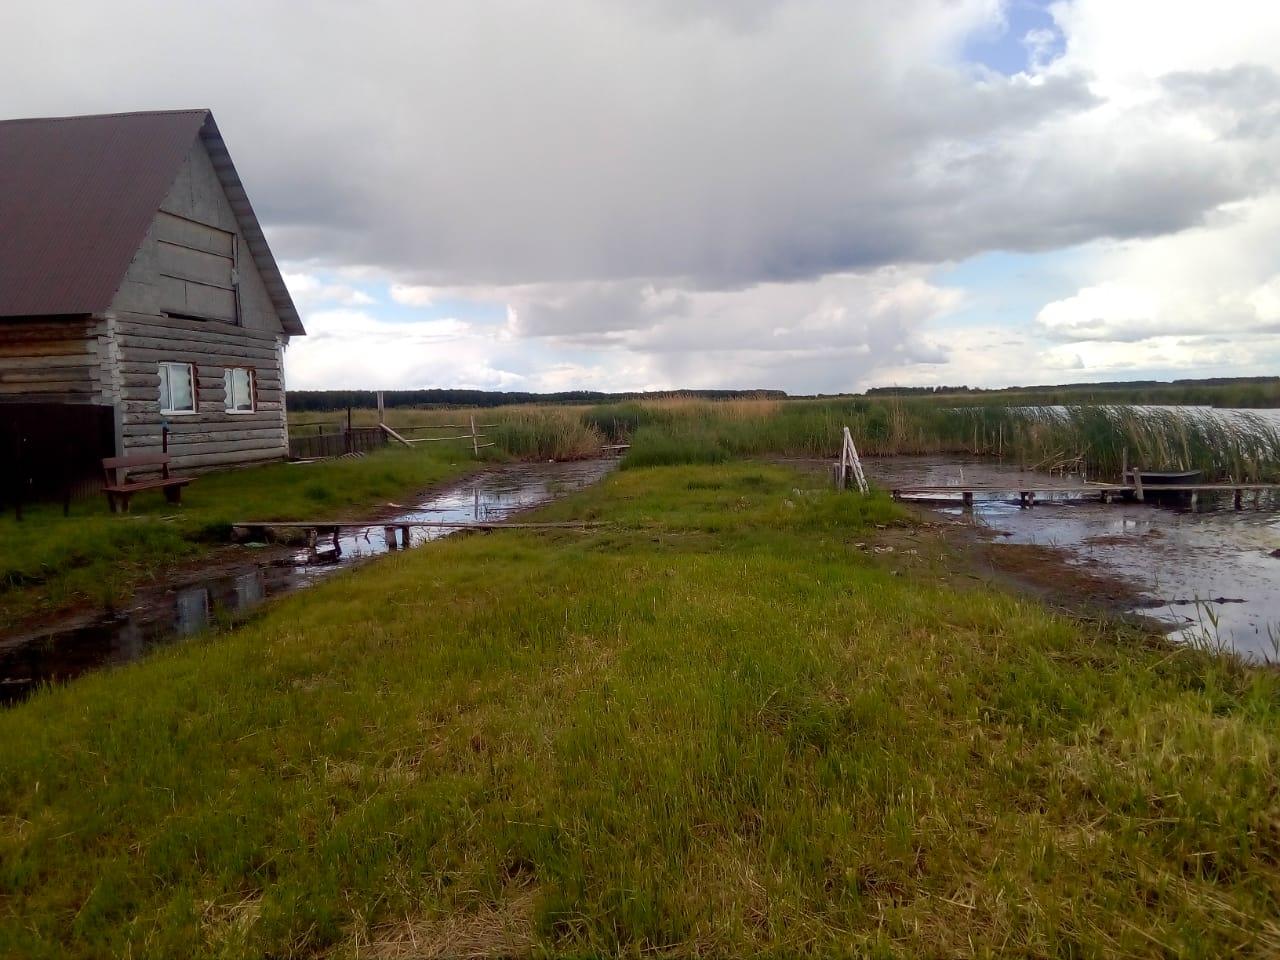 Деревня на западе Омской области пострадала из-за паводка #Омск #Общество #Сегодня